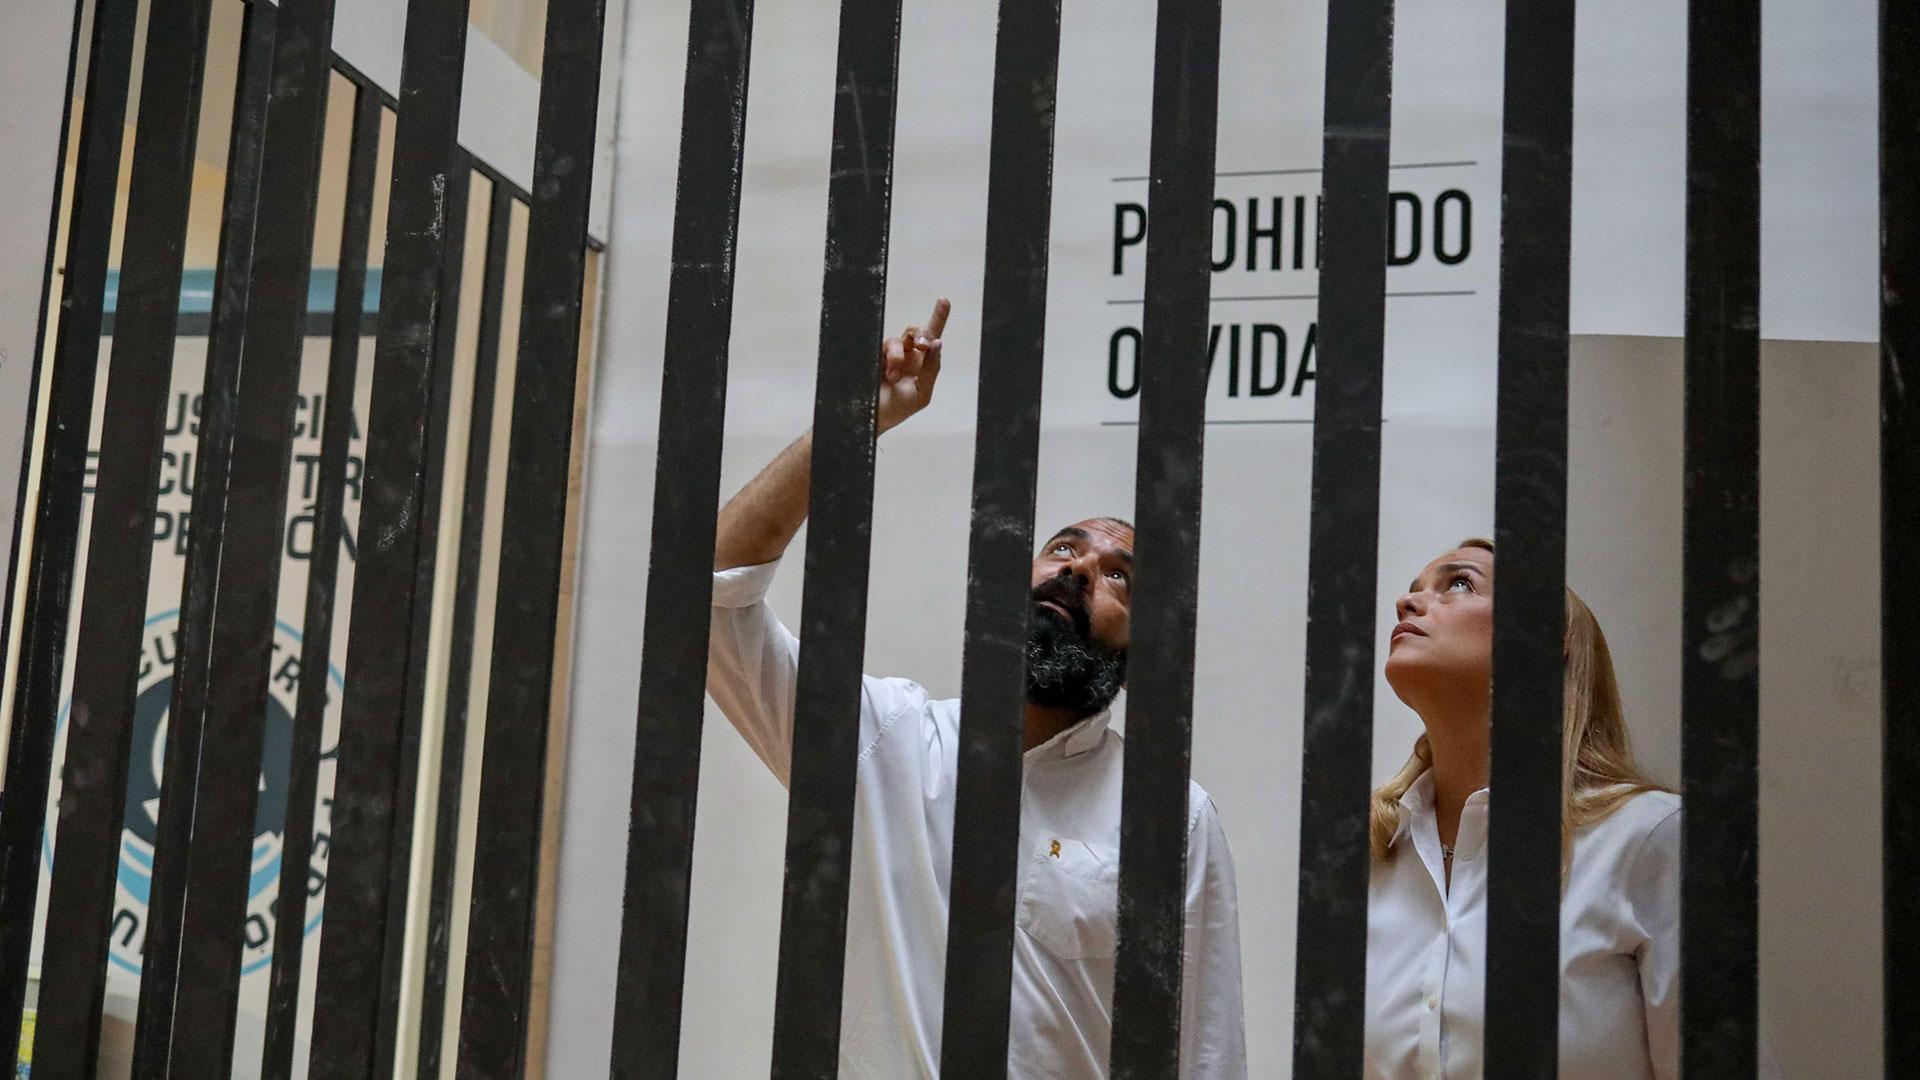 La exposición fue presentada por un grupo de activistas por los derechos humanos junto con el partido Voluntad Popular (EFE)